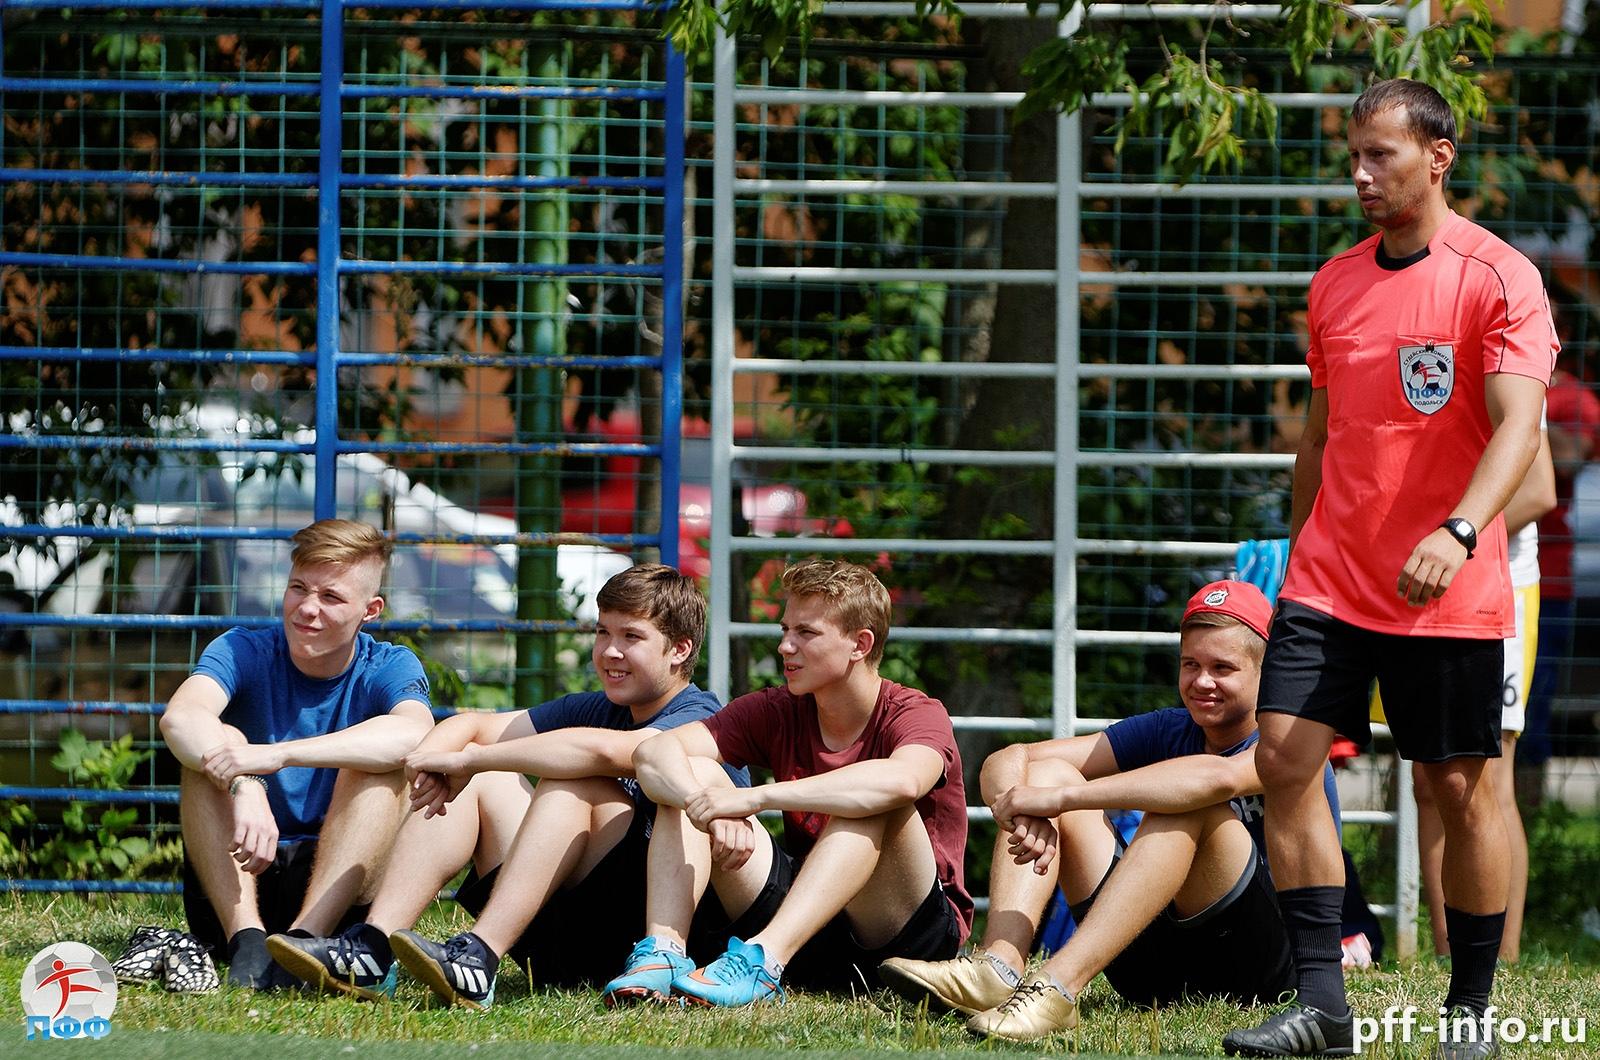 Николай Цимбалов: «Стараюсь давать командам больше играть»